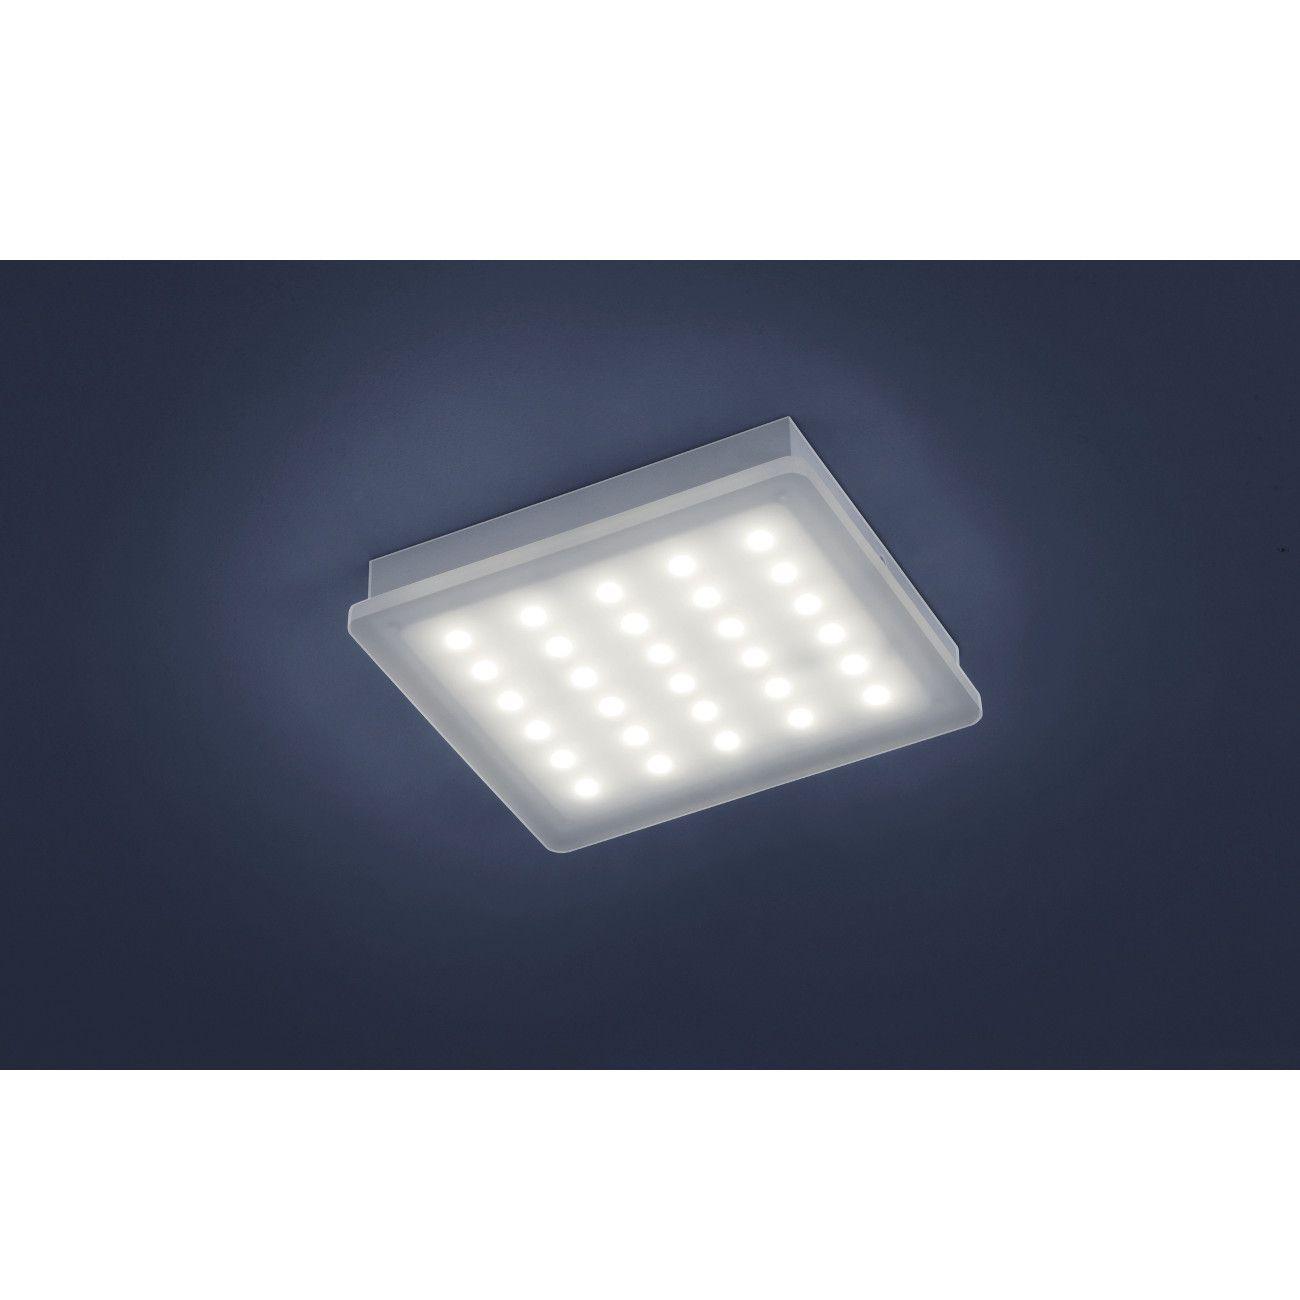 Quadratische LED-Deckenlampe / Wandleuchte (groß) mit schönem ...